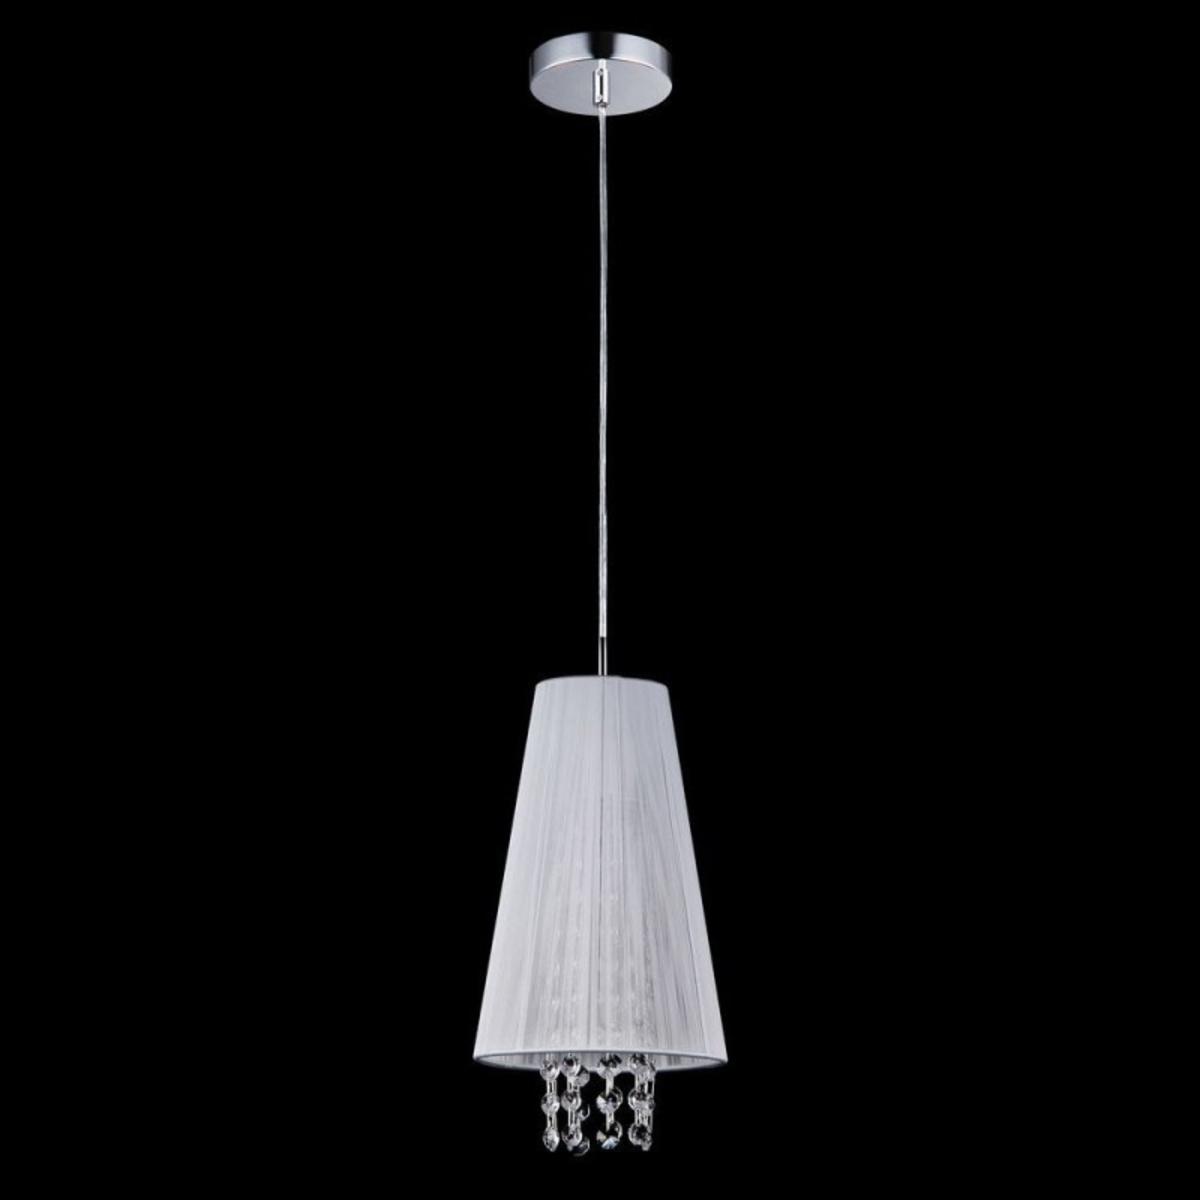 Купить Подвесной светильник FUSION+F001 Подвесной светильник Maytoni F001-11-N, HomeMe